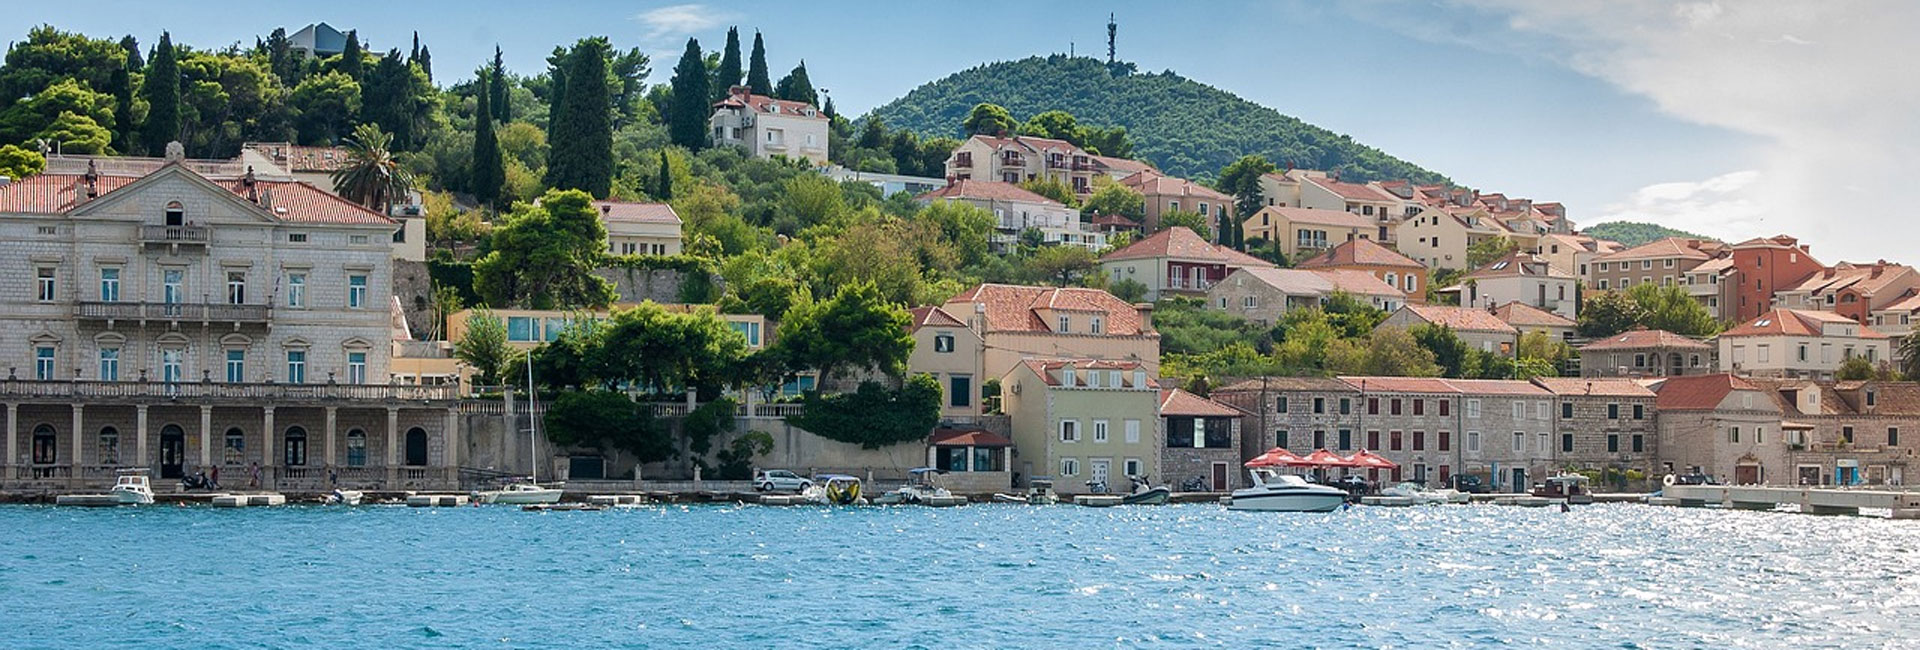 Slovenia & Croatia